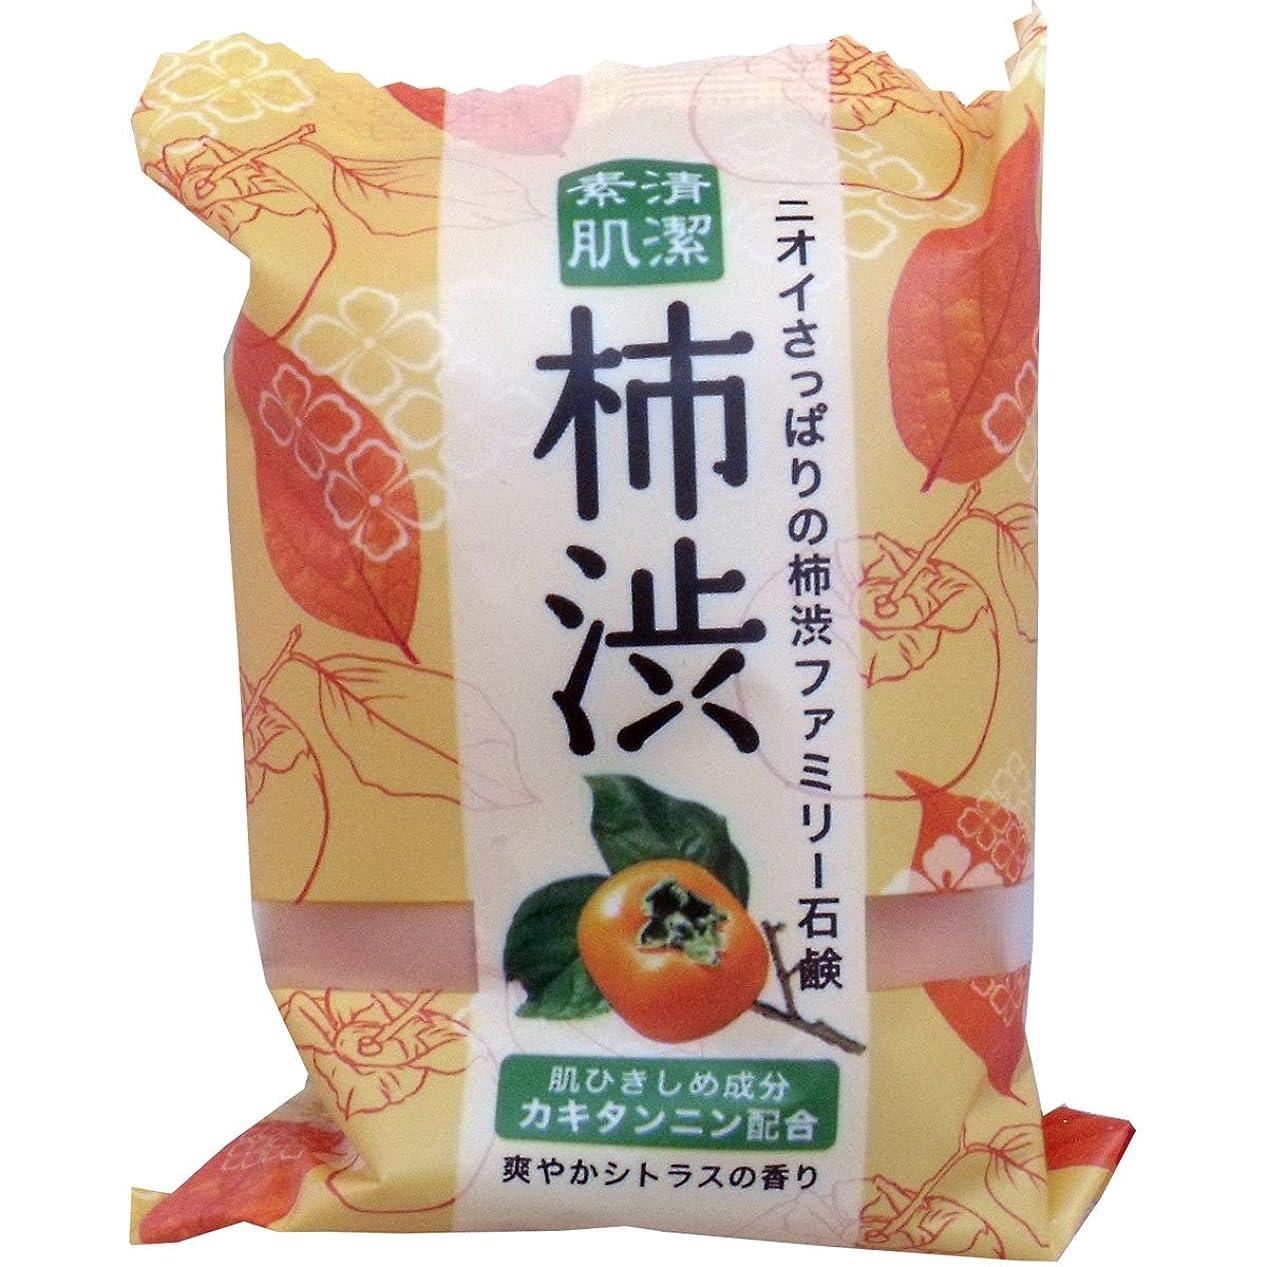 洗う恐れ結核ペリカン石鹸 ファミリー柿渋石鹸(1個) ×2セット